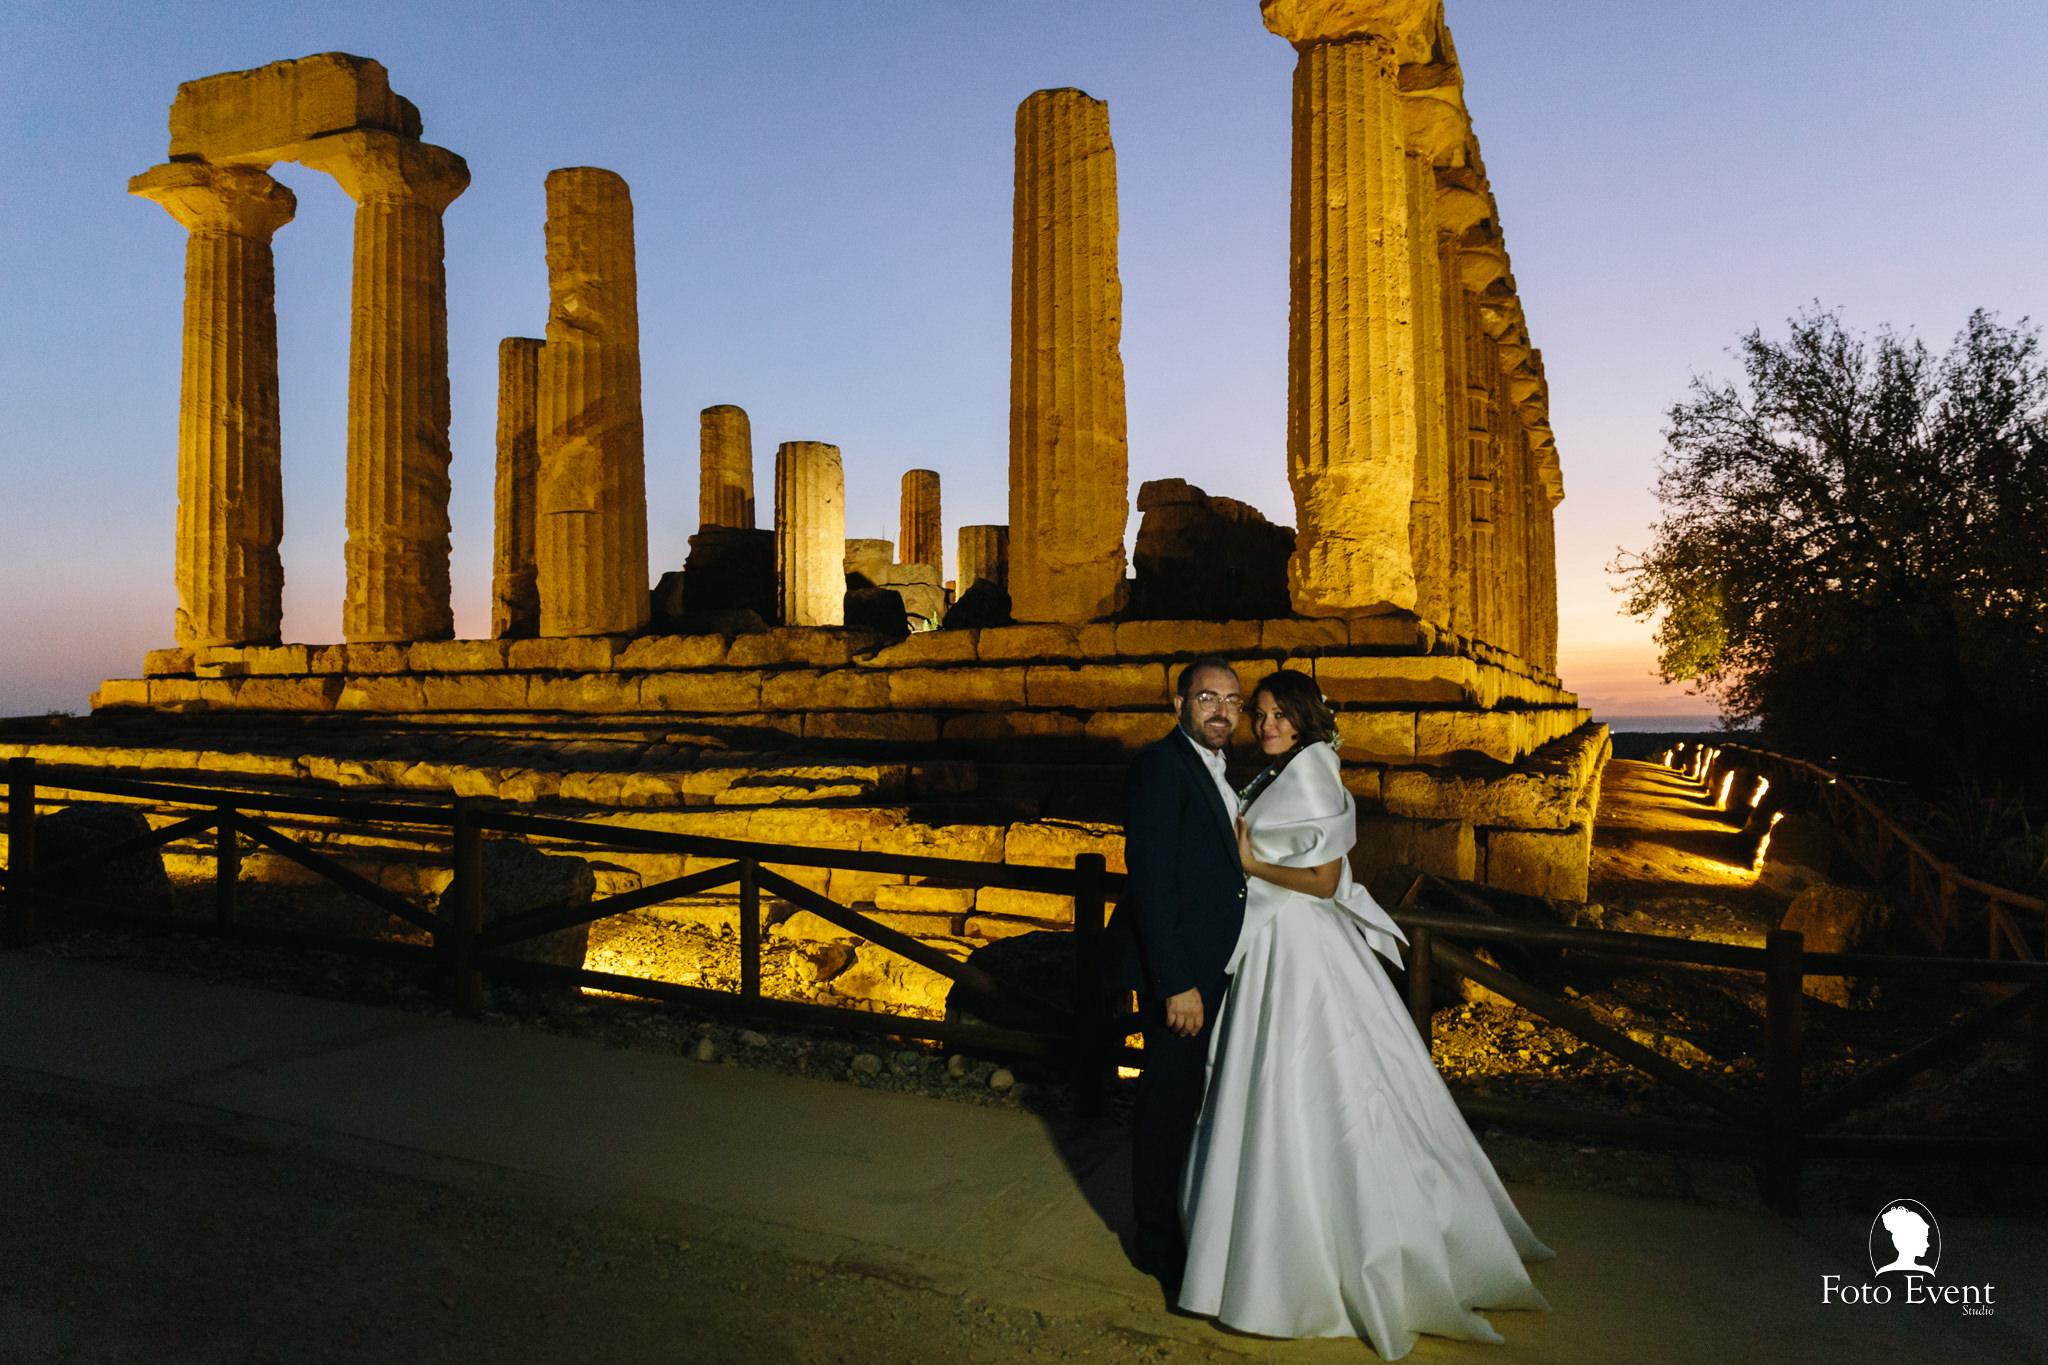 047-2020-10-15-Matrimonio-Noemi-e-Salvatore-Paterno-5DE-1955